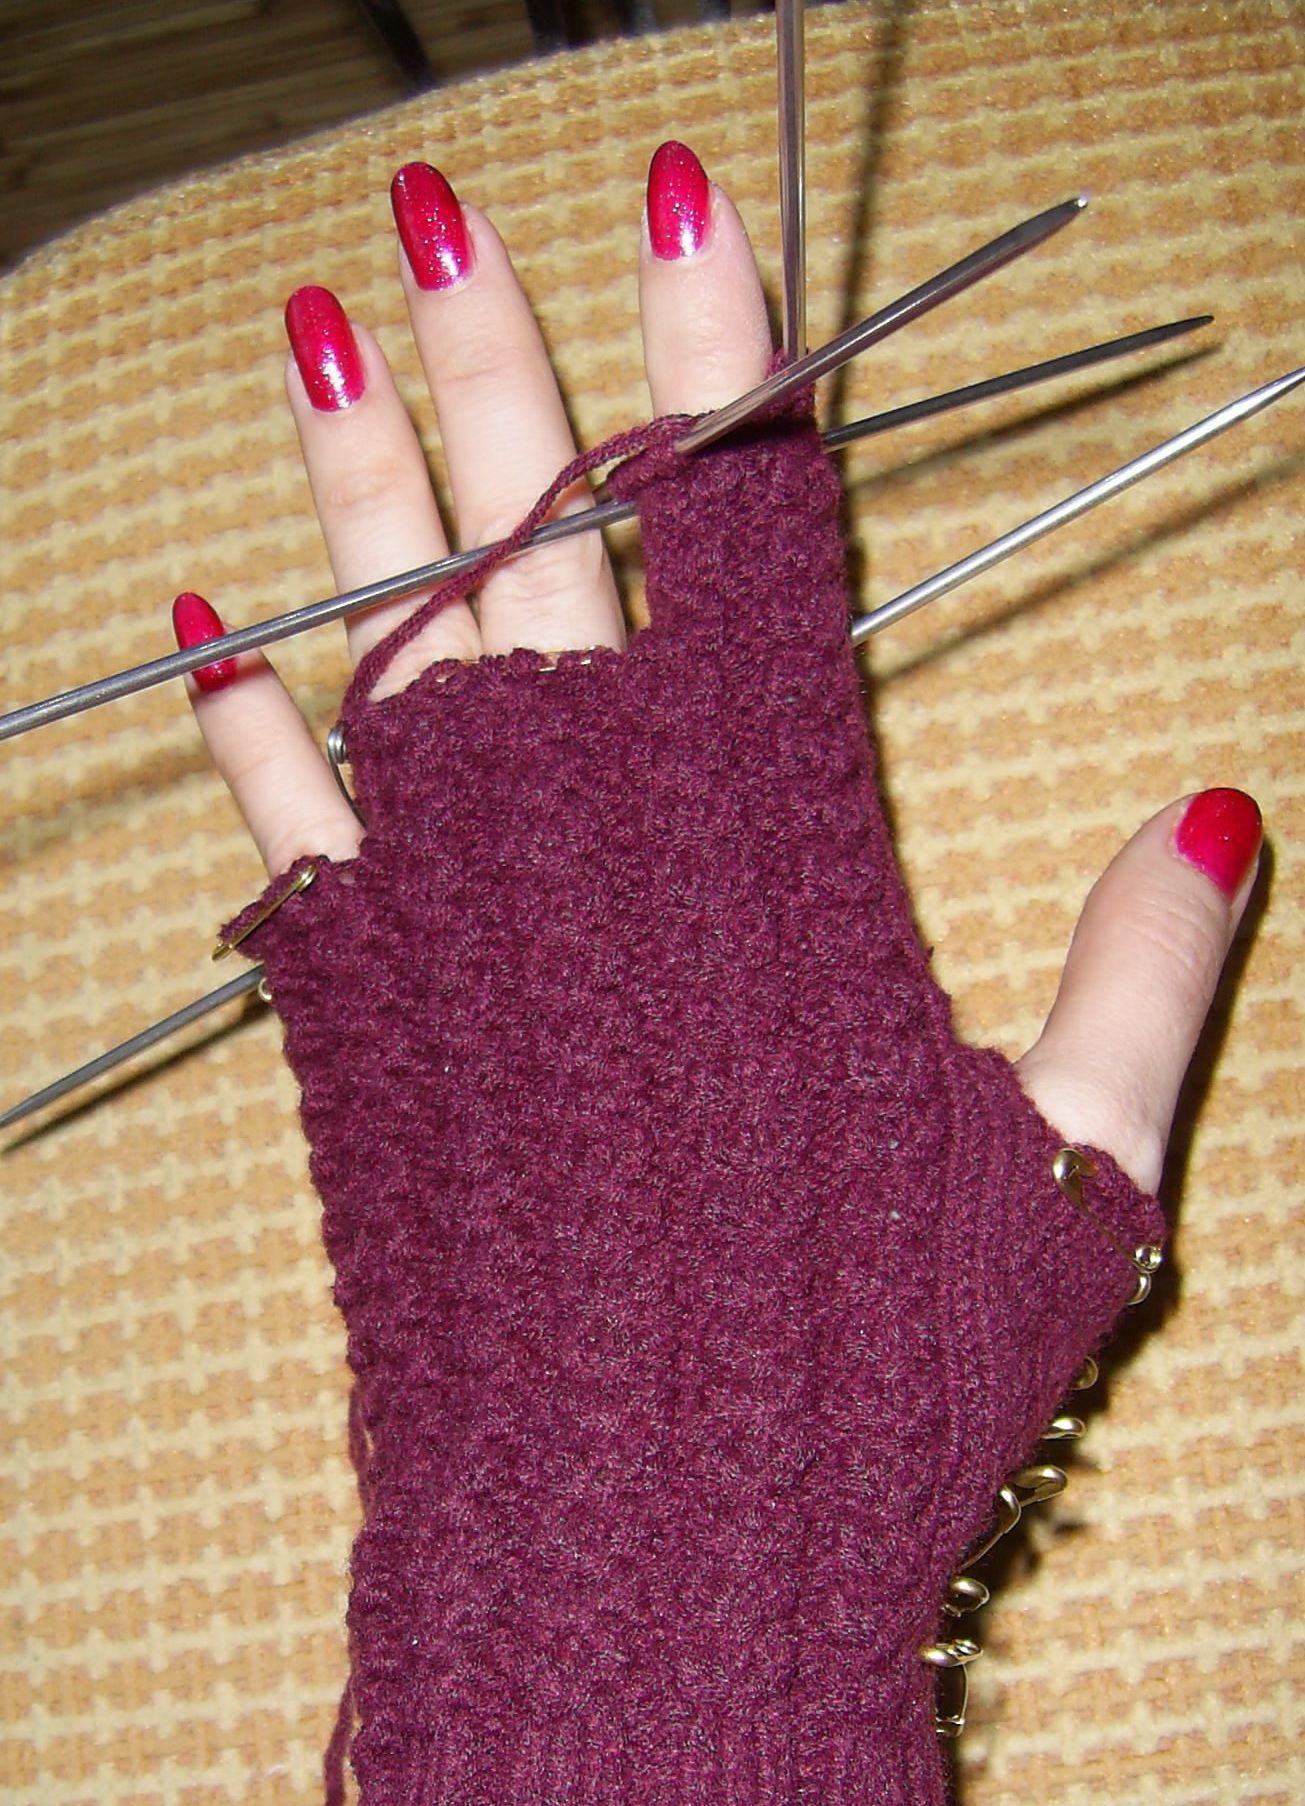 как связать перчатки спицами 8 инструкция вязание вязание